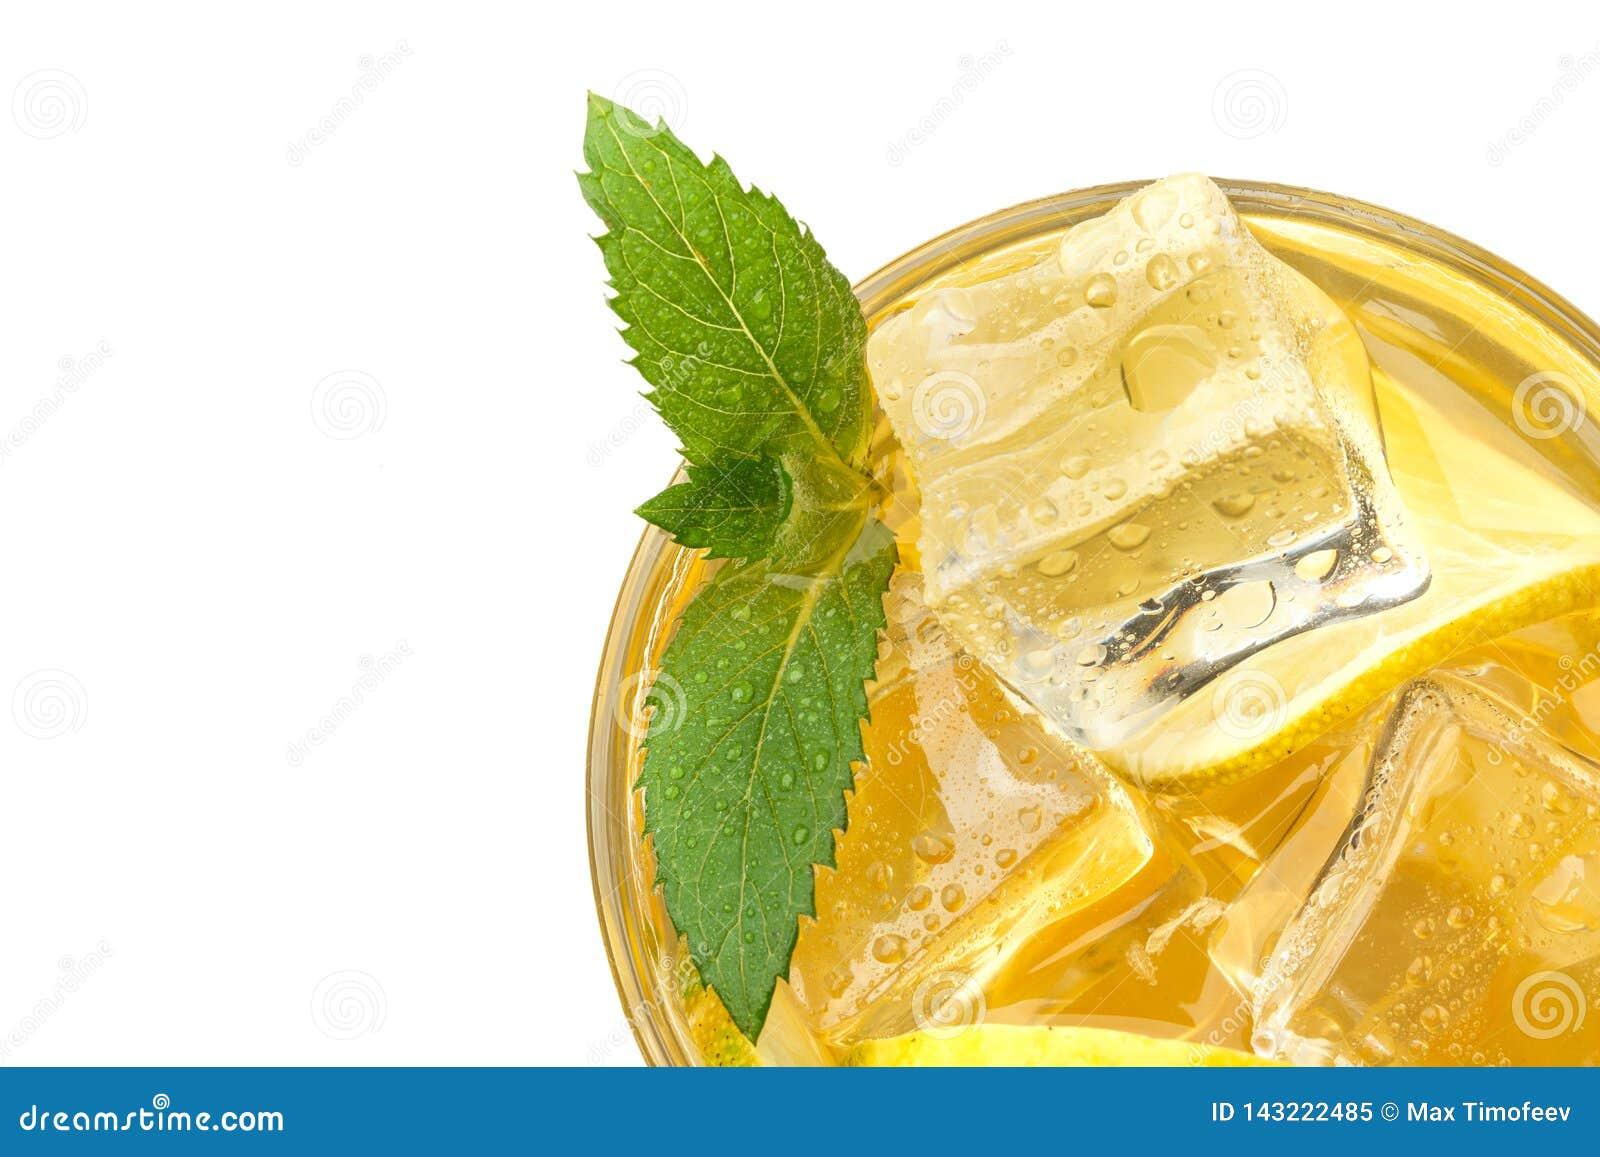 Свежий лимонад с льдом и мятой Настроение лета изолировано